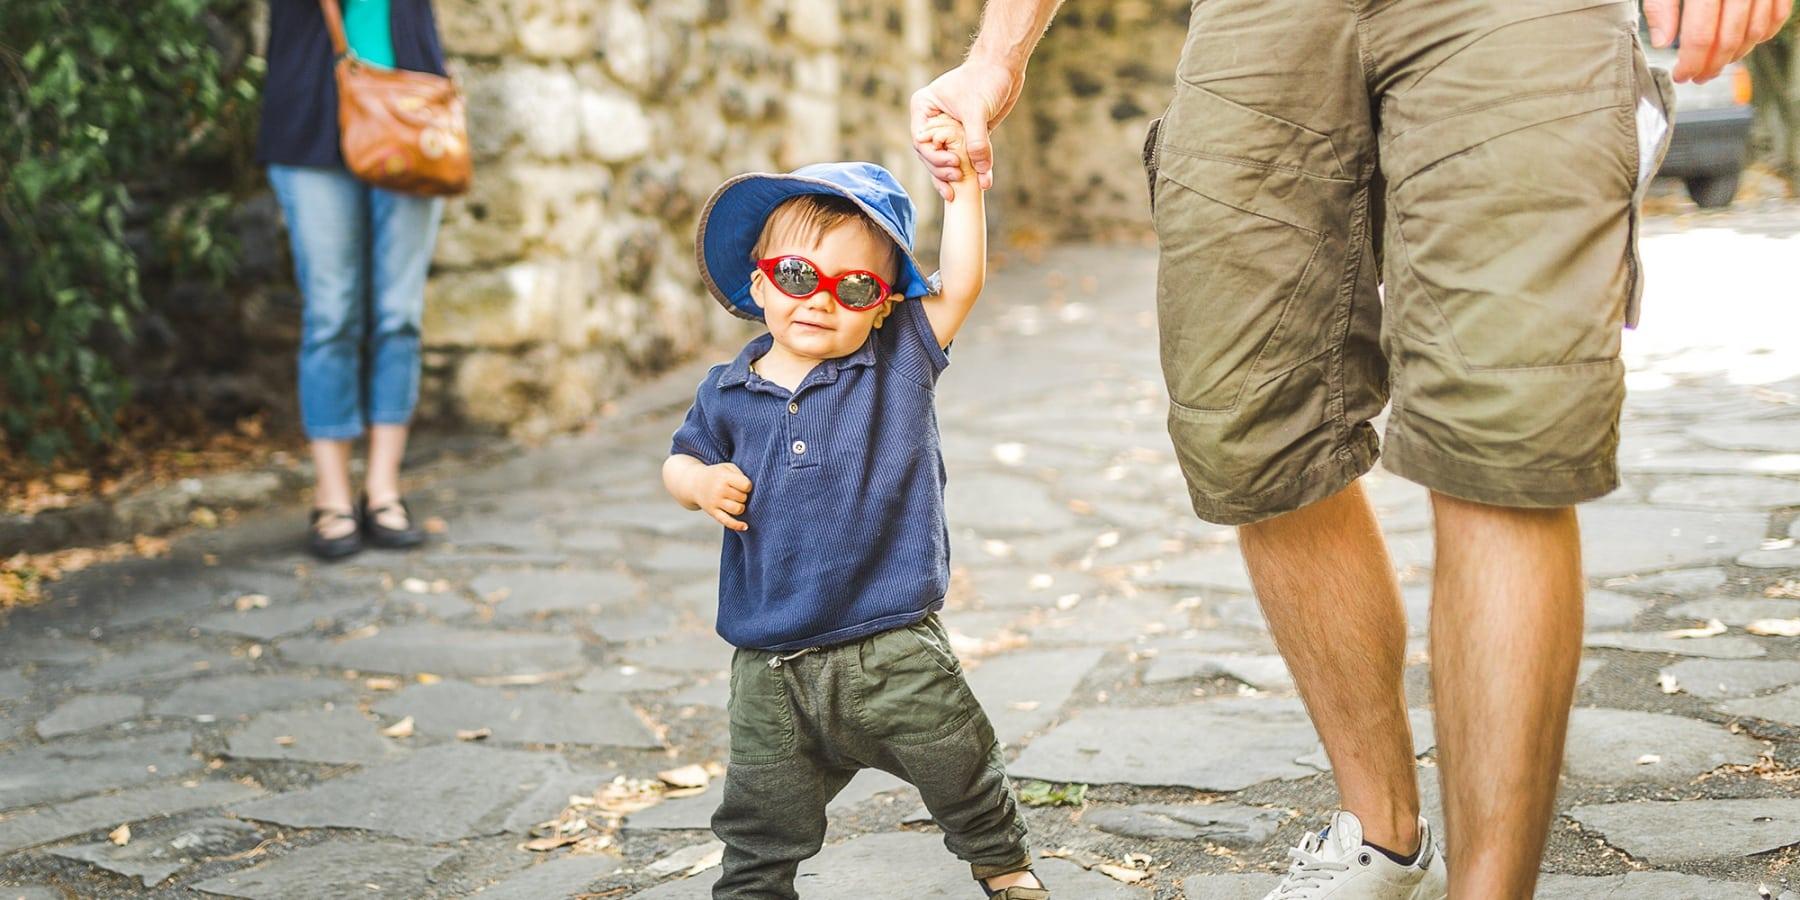 visites-avec-enfants-sud-ardeche_1800x900_acf_cropped